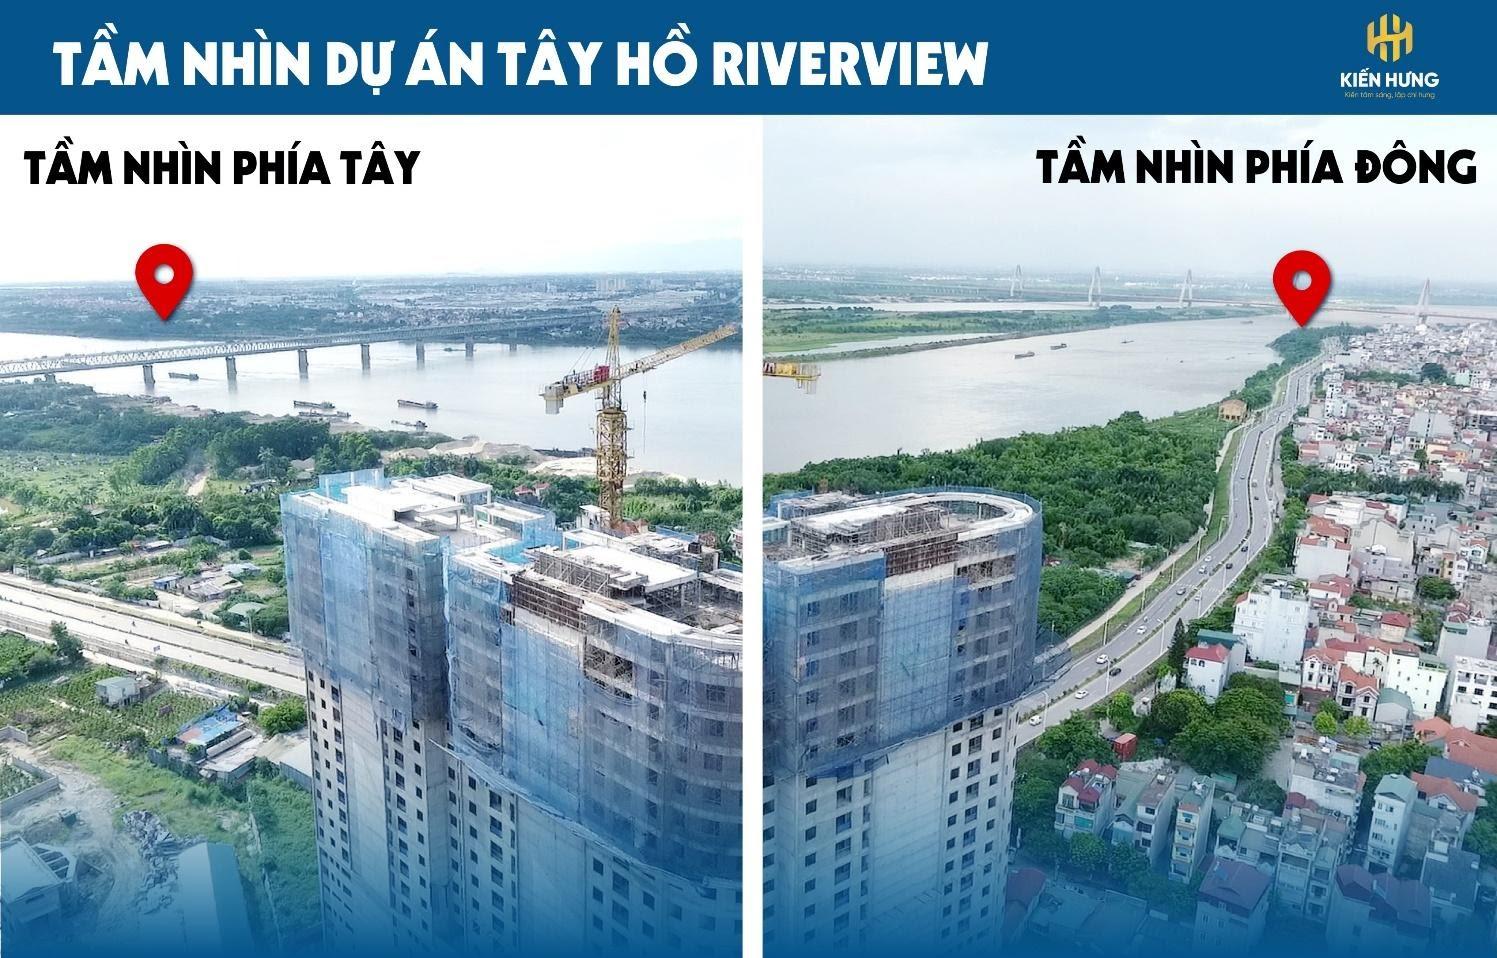 tam-nhin-du-an-tay-ho-riverview